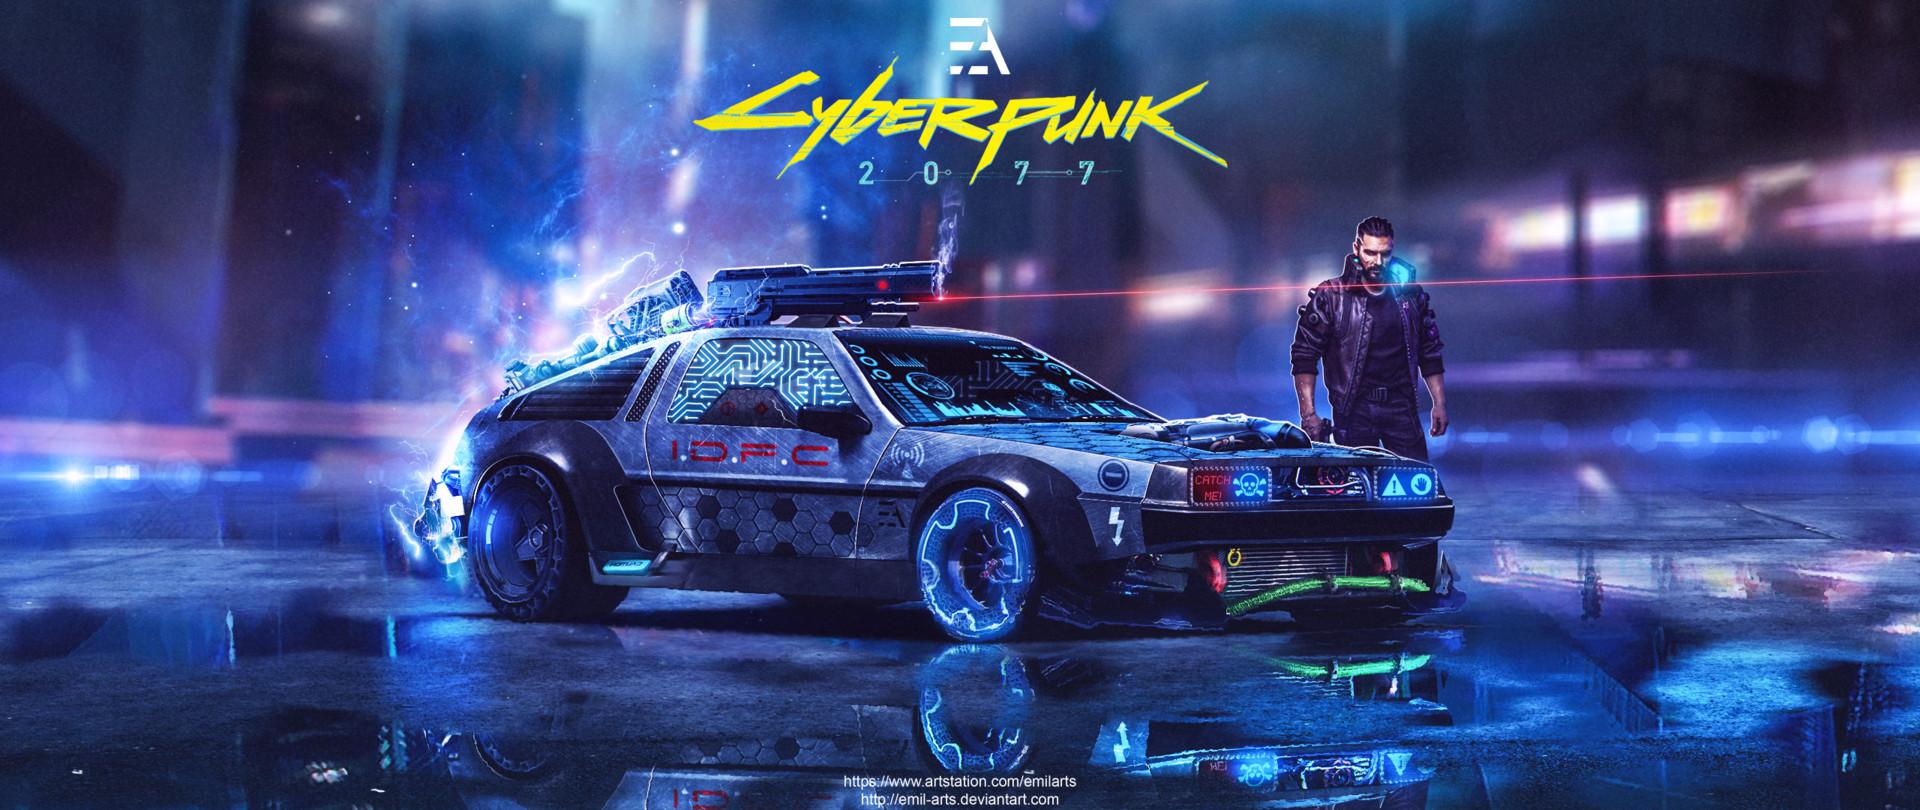 116968.jpg - Cyberpunk 2077